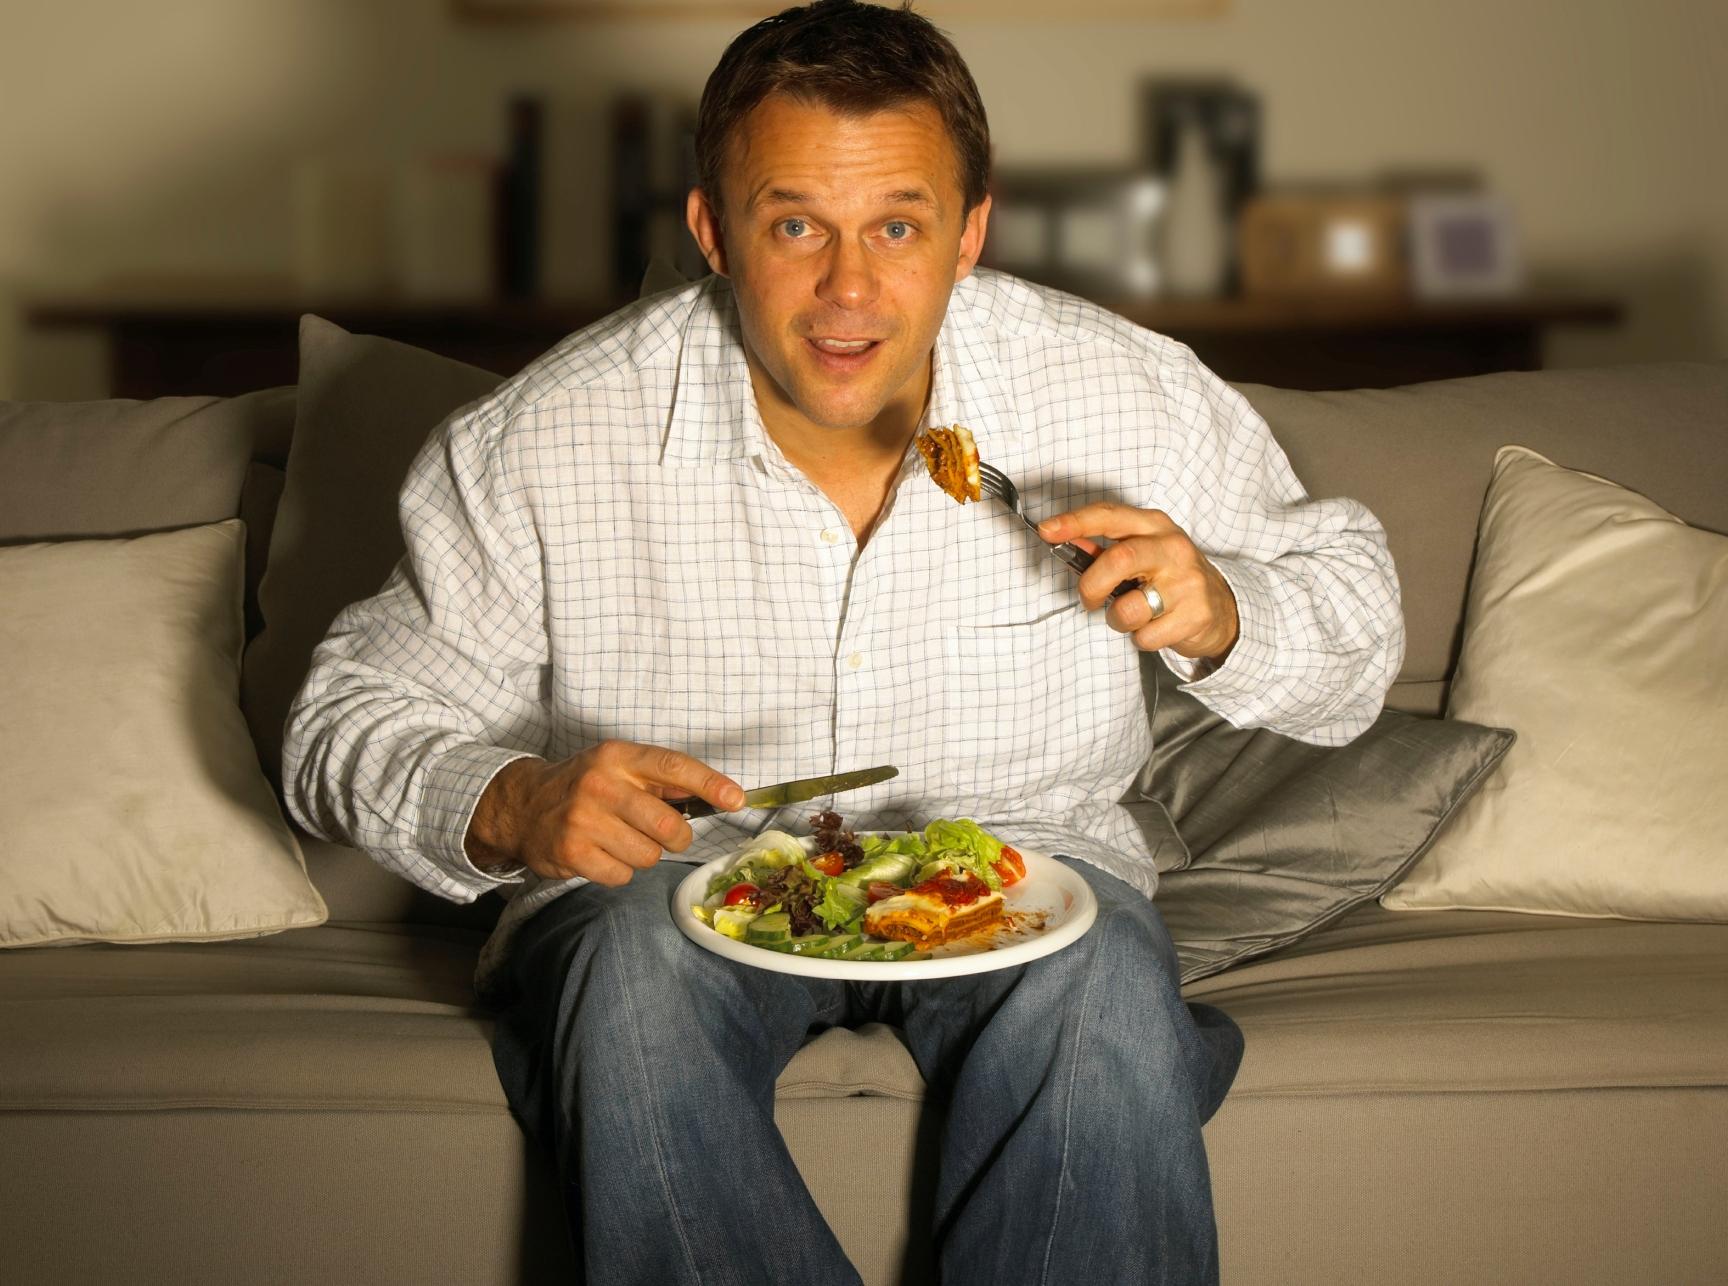 Картинки для, картинки к обеду мужчине